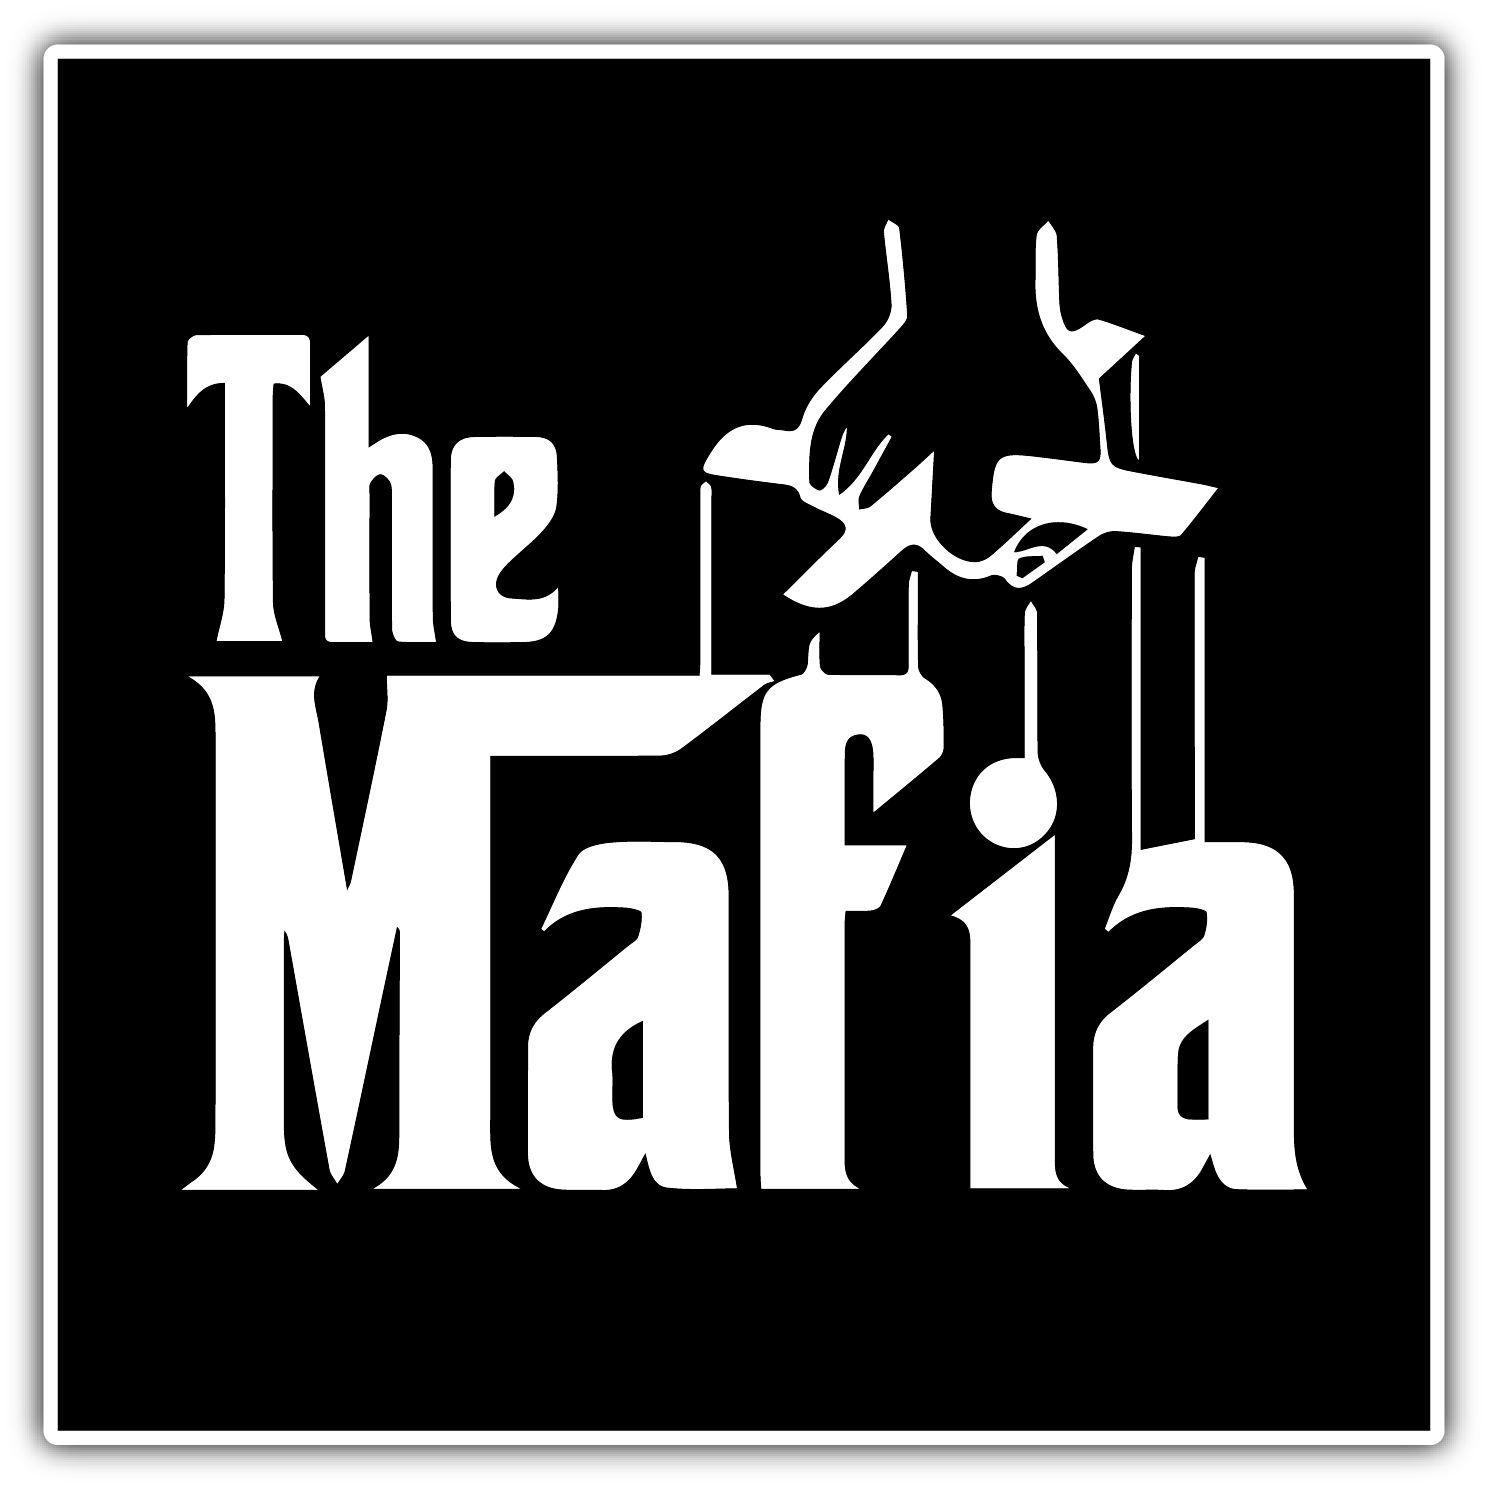 Mafia Godfather Crime Family Gangster Car Bumper Vinyl Sticker Decal 4 6 X4 6 Car Sticker Design Mafia Cricut Cuttlebug [ 1490 x 1490 Pixel ]